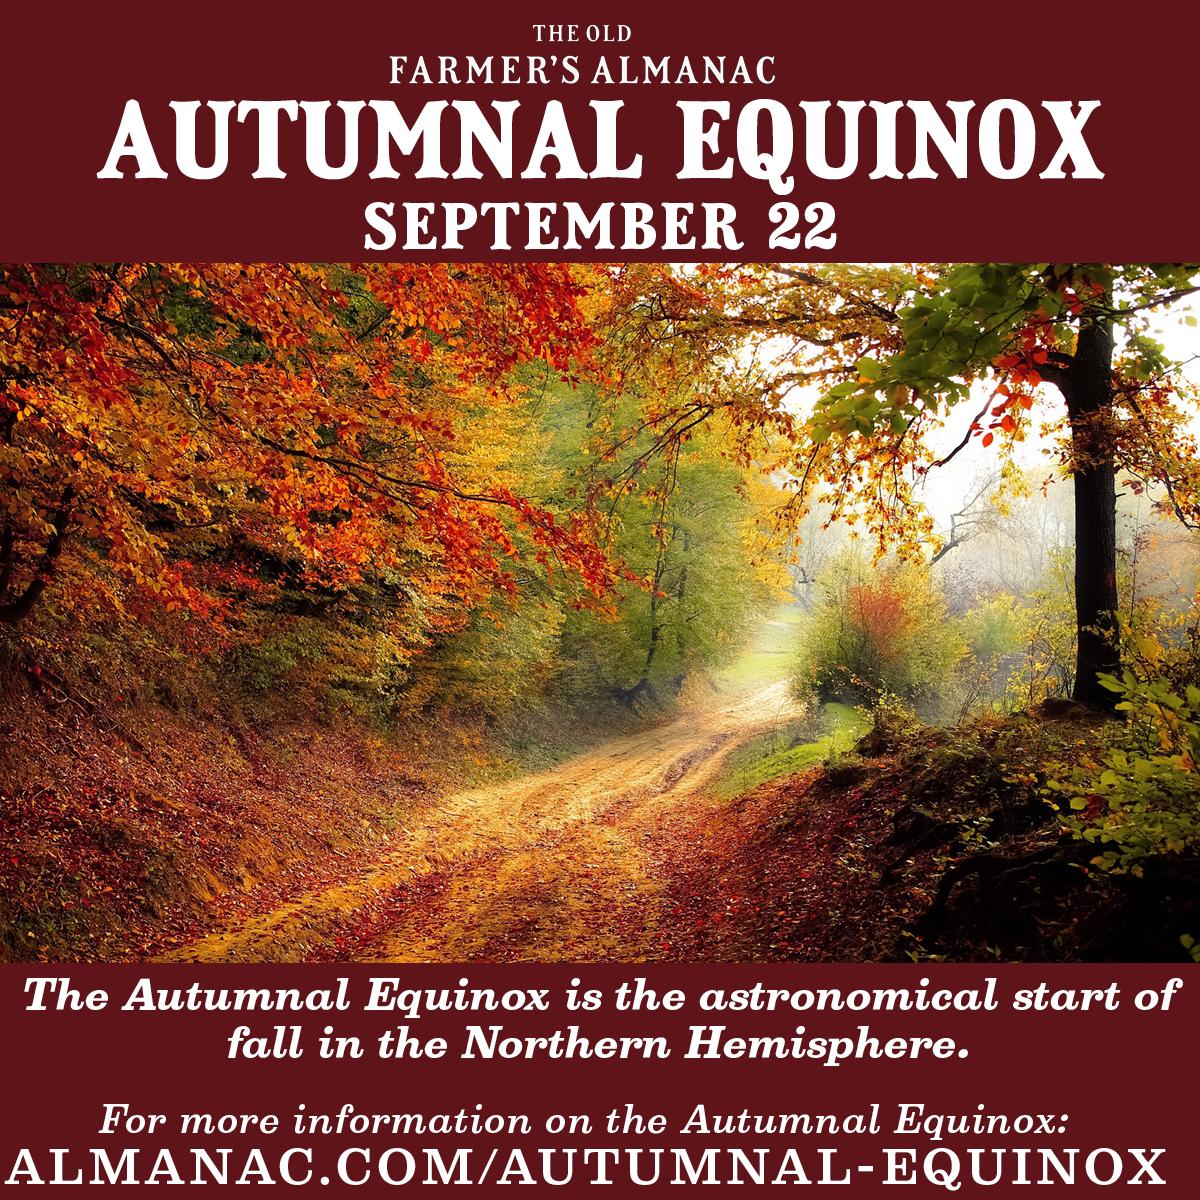 Fall Equinox 2020 Memes